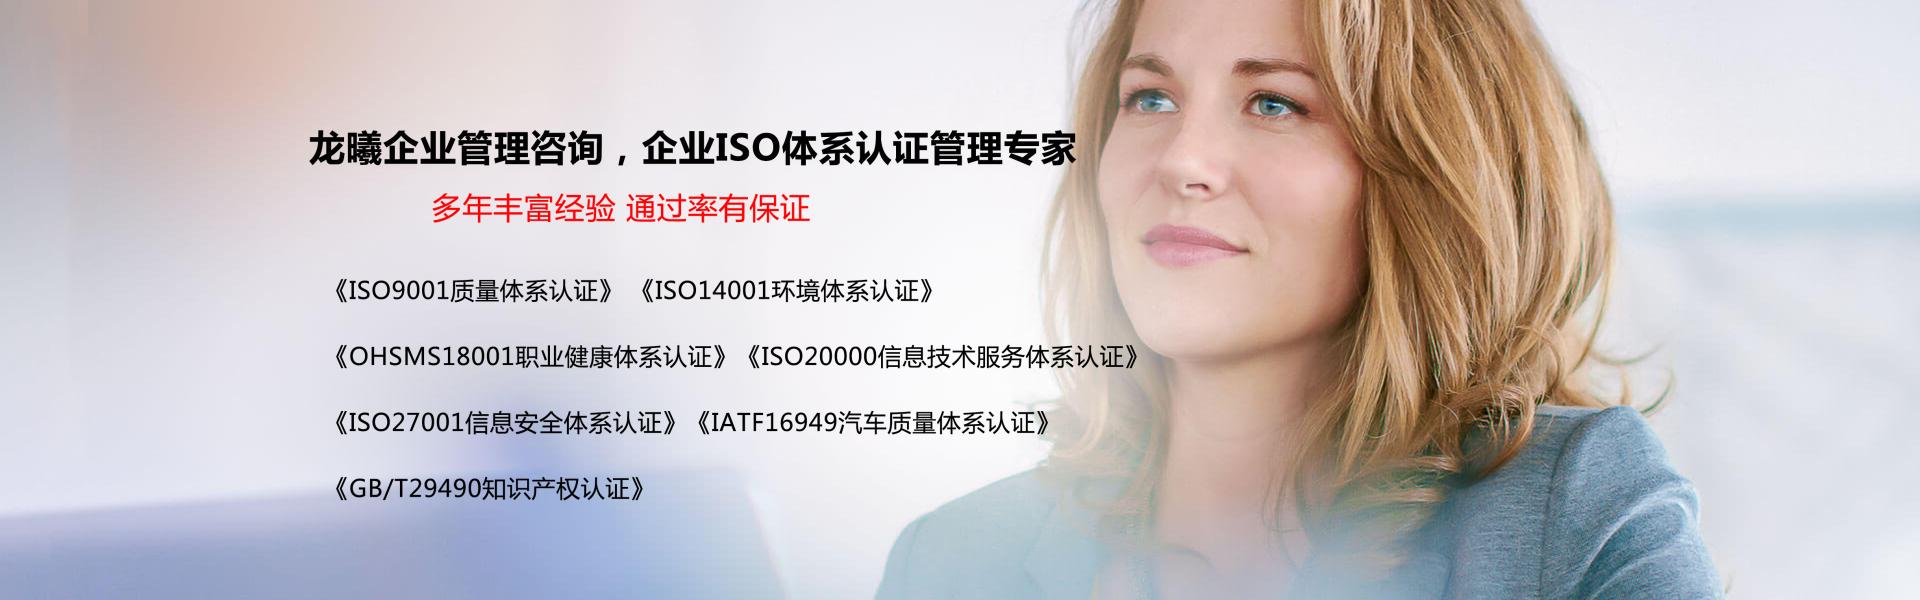 重庆龙曦企业管理咨询的ISO认证类别